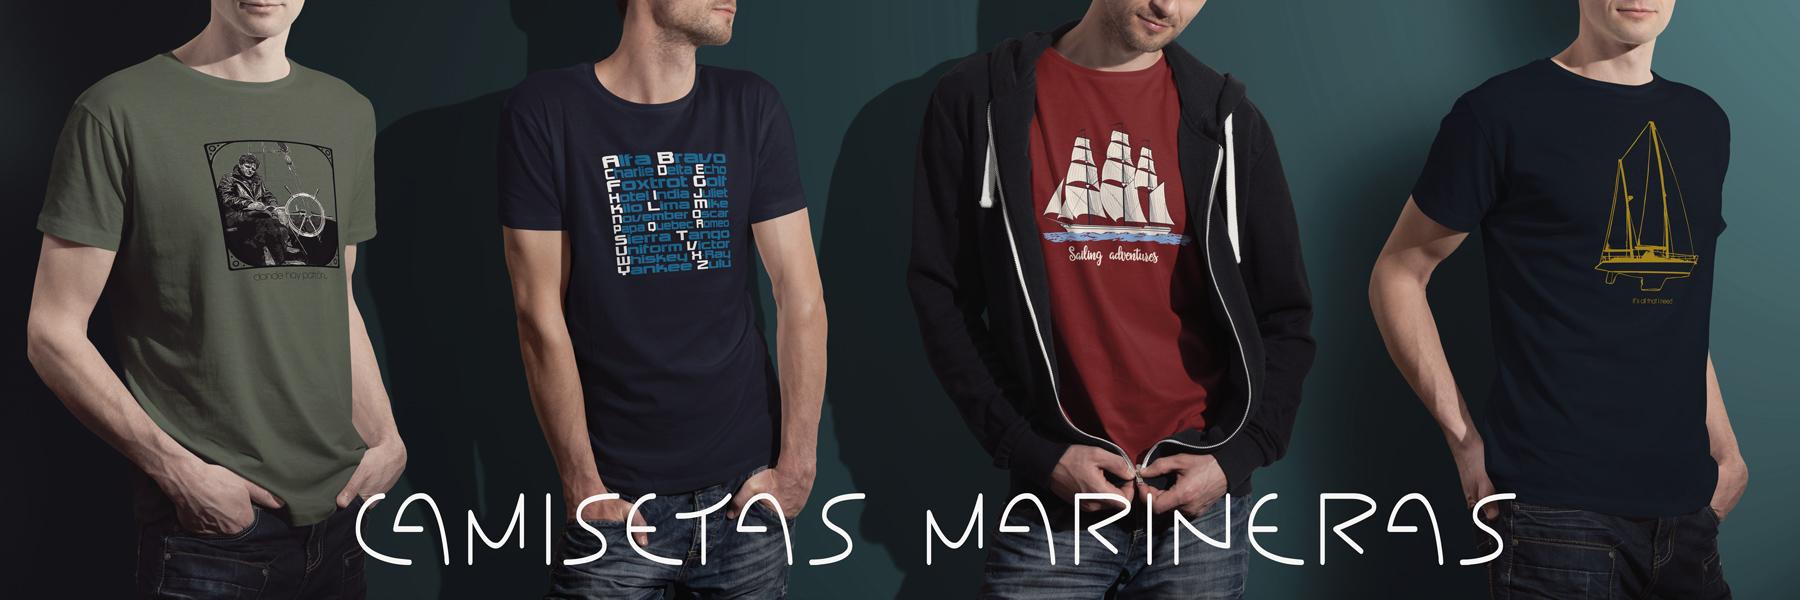 Camisetas-marineras-hombre